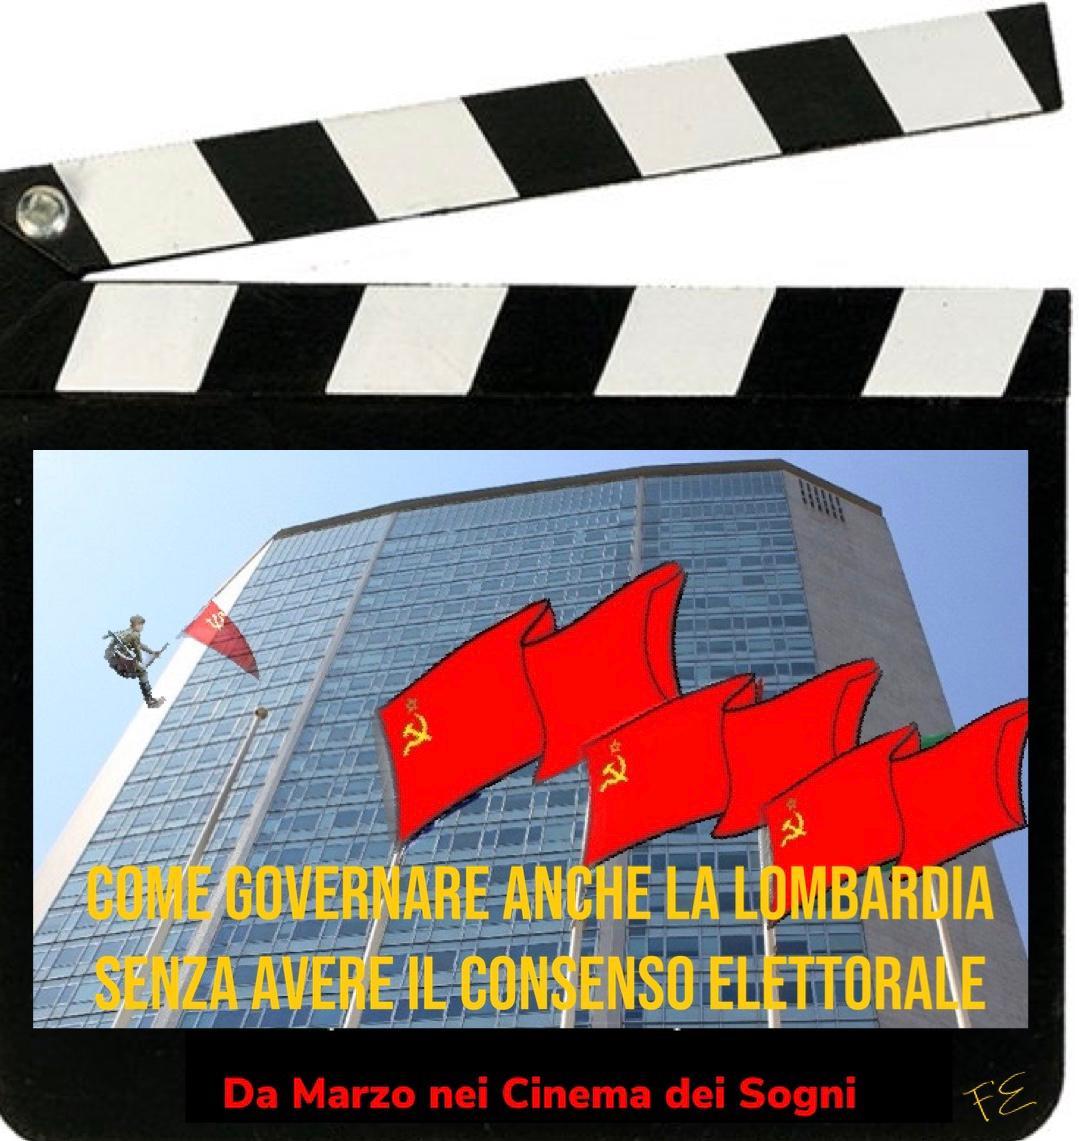 La Lombardia criticata, immaginiamoci il perché